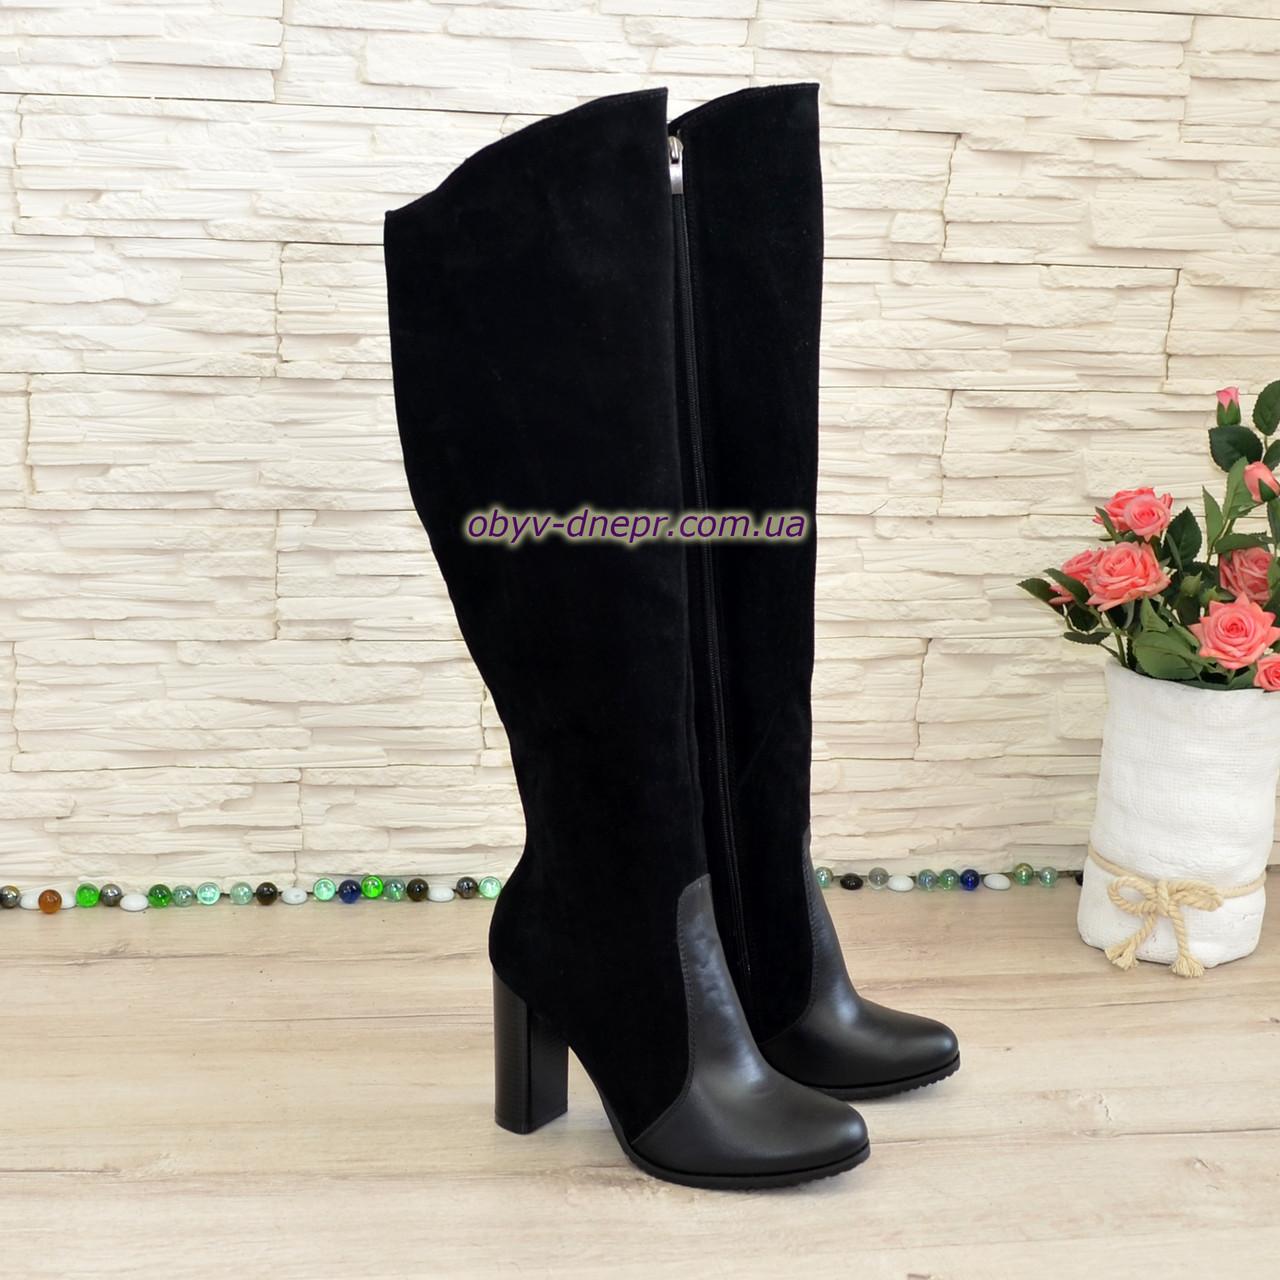 Ботфорты зимние черные комбинированные на высоком устойчивом каблуке